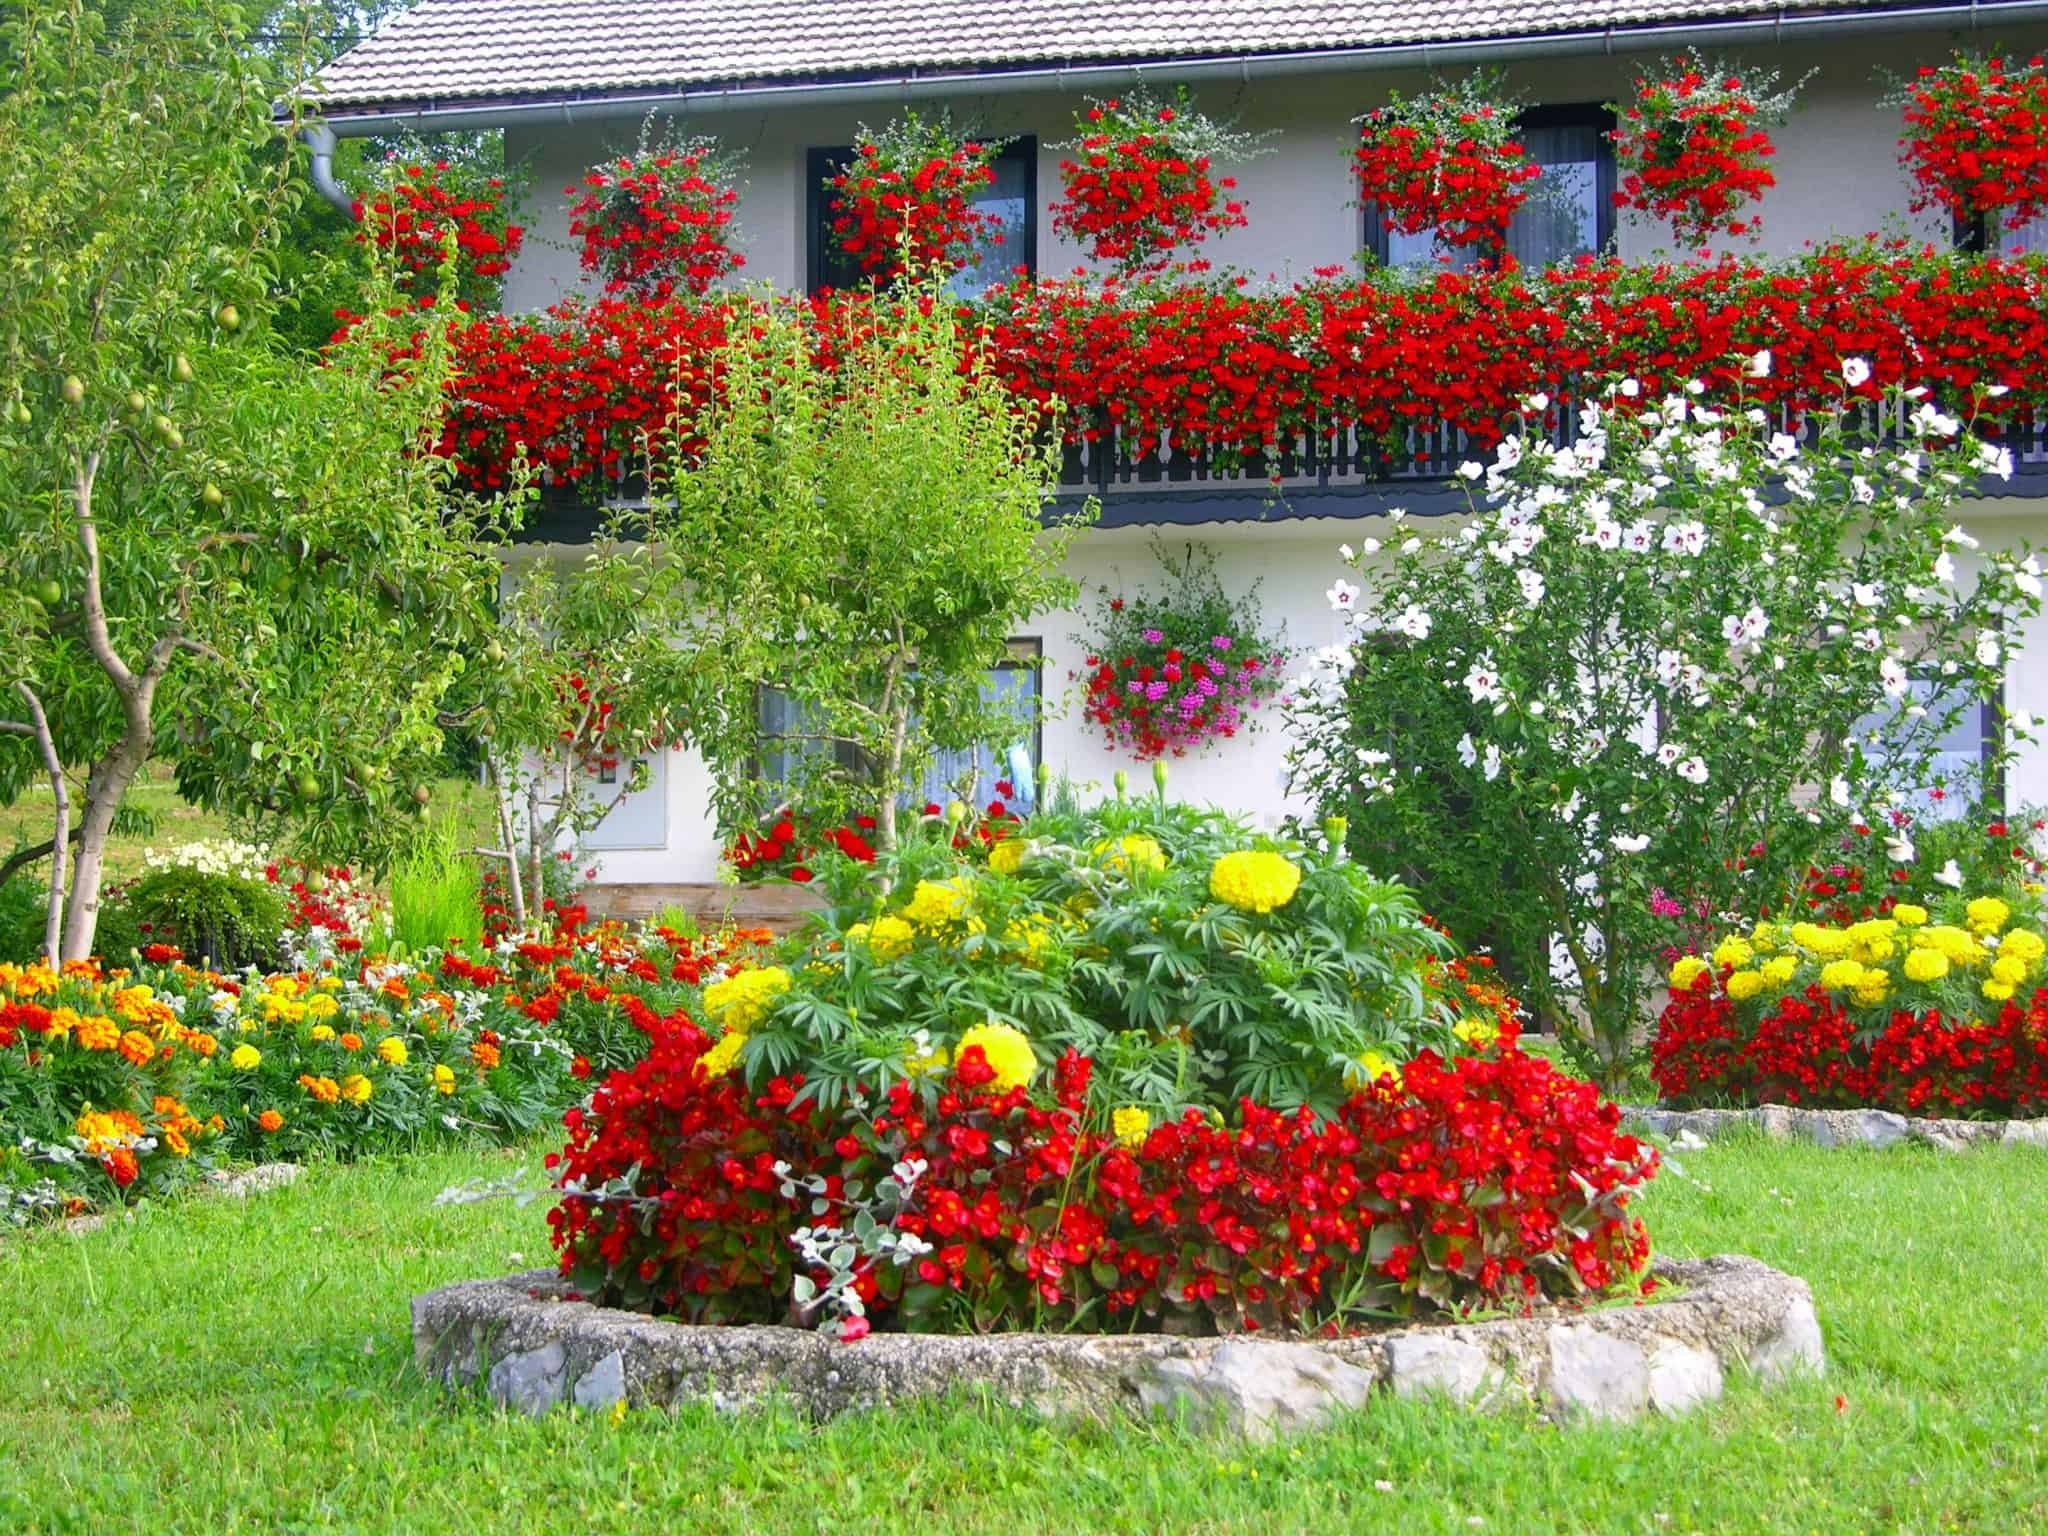 מלון כפרי בקרואטיה